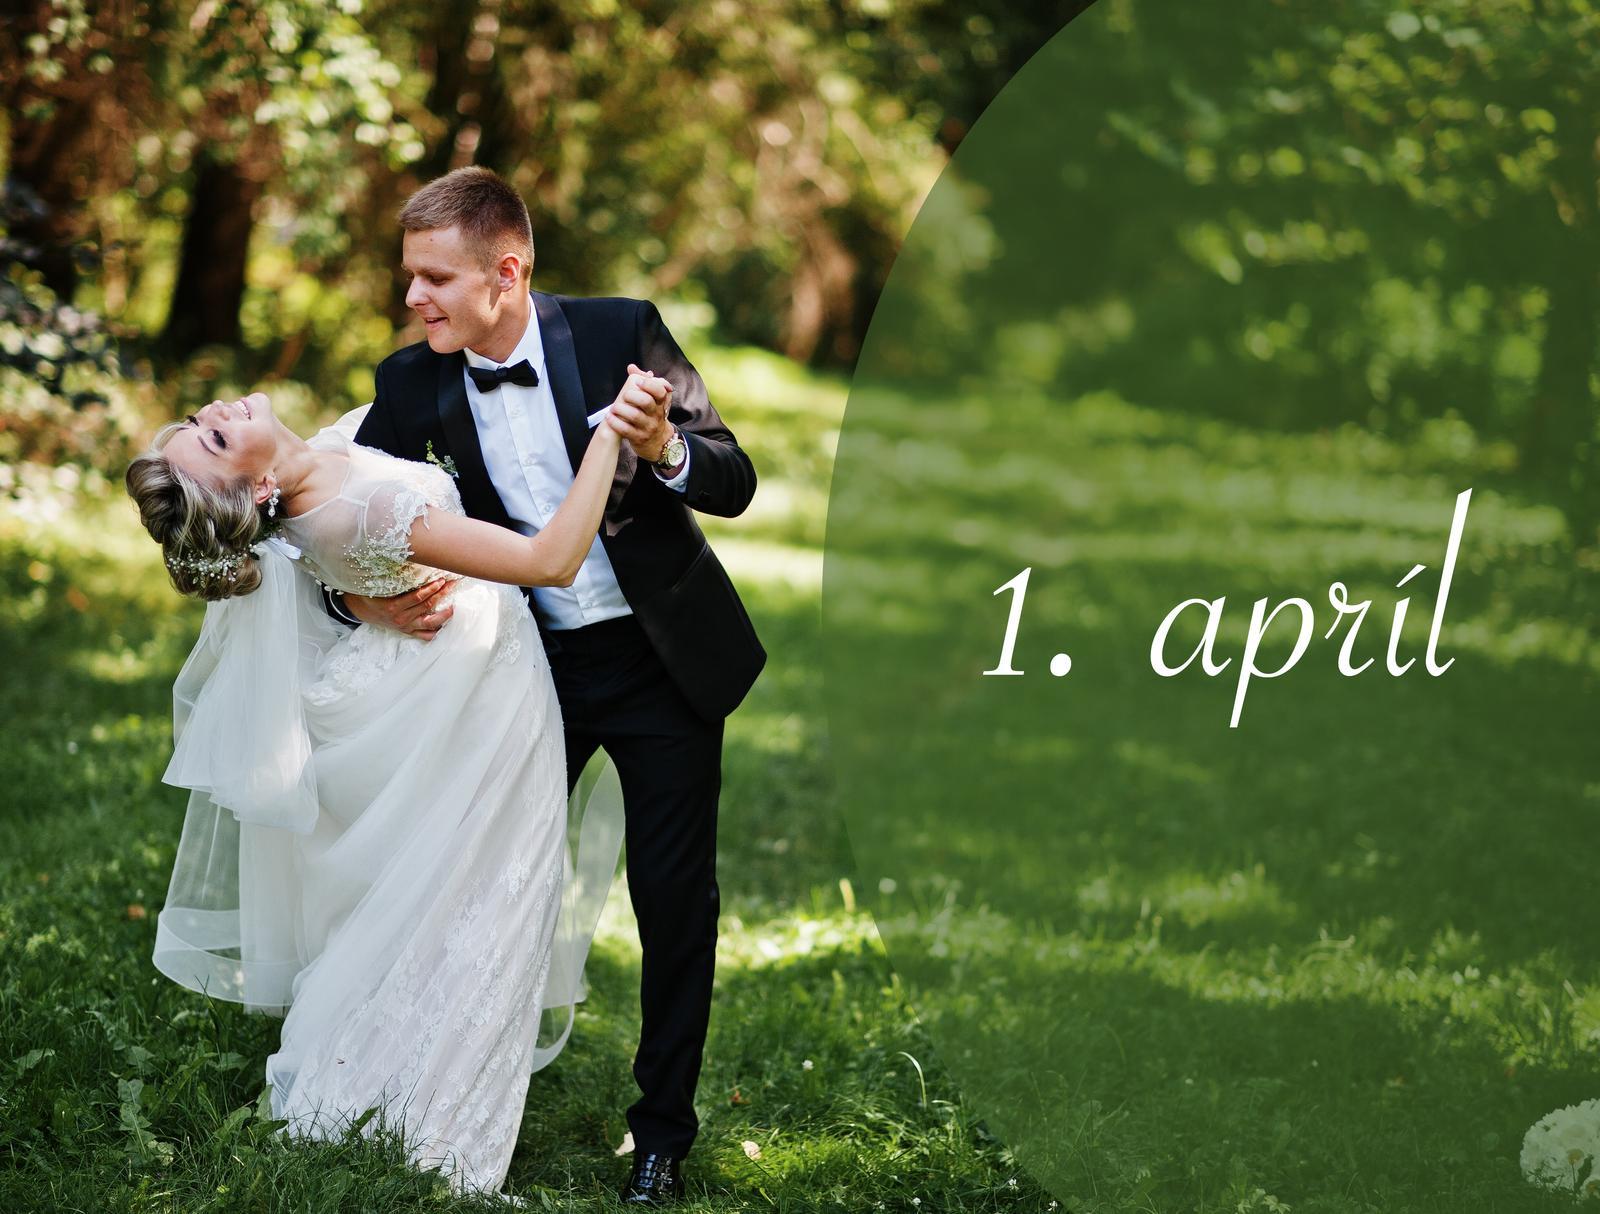 Tento víkend prvé nevesty odštartovali aprílové svadby. Všetkým prvoaprílovým nevestám gratulujem a želám veľa veľa manželskej lásky, radostí a tých najkrajších spoločných okamihov! :) Podelíte sa s nami o svoje dojmy či prvé fotky? Myslím, že hovorím za všetky, keď poviem, že som veeeeľmi zvedavá na vaše šťastné a úsmevné svadobné spomienky z tejto nádhernej slnečnej soboty :) @veve808 @veva1995 @van13 @sonicina @simka92 @peta_332 @natalibi @mia8862 @luptak_k @lulusiaa @katusssa @kamilka76 @jarka412111 @jaadavid @inah91 @happycow @florijana @ewridika11 @evulienkars @cat2104 @adka1985adka a ďalšie, ktoré svoj termín svadby nezverejnili :) - Obrázok č. 1